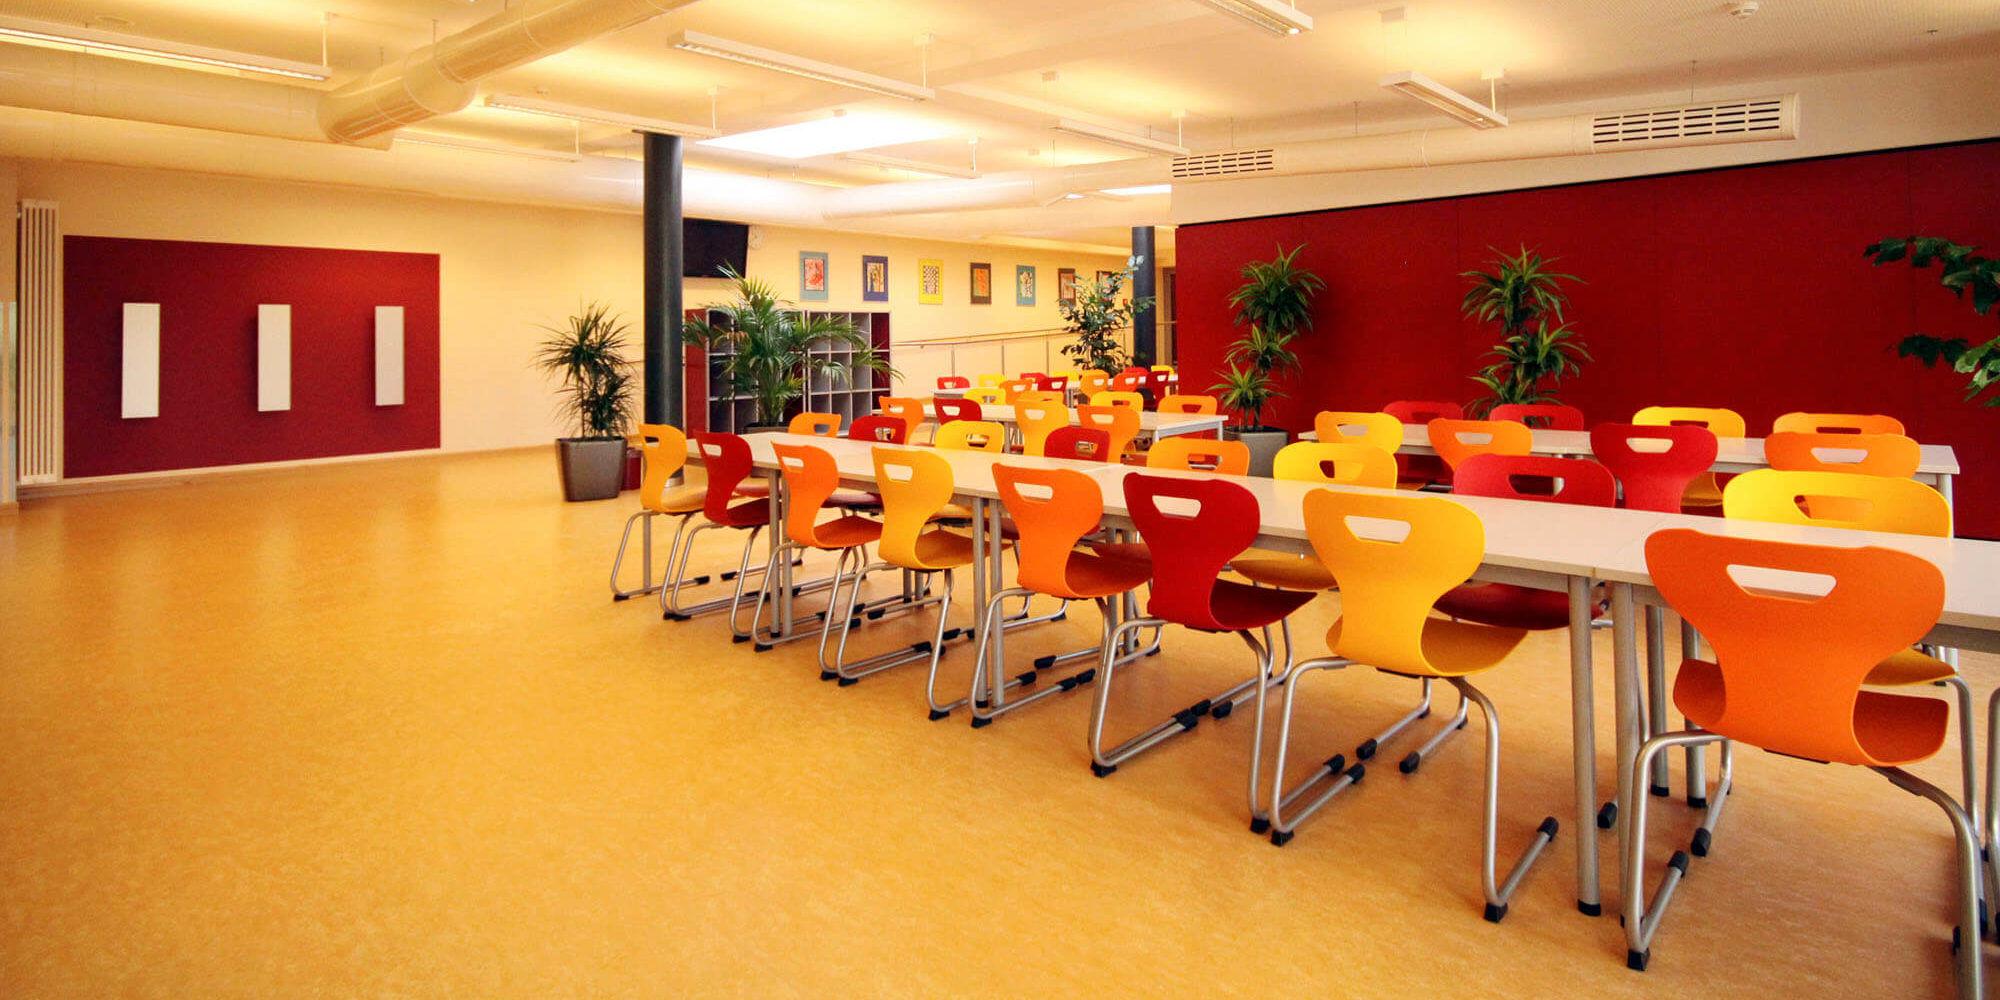 Klaus-Störtebecker-Schule, Verden